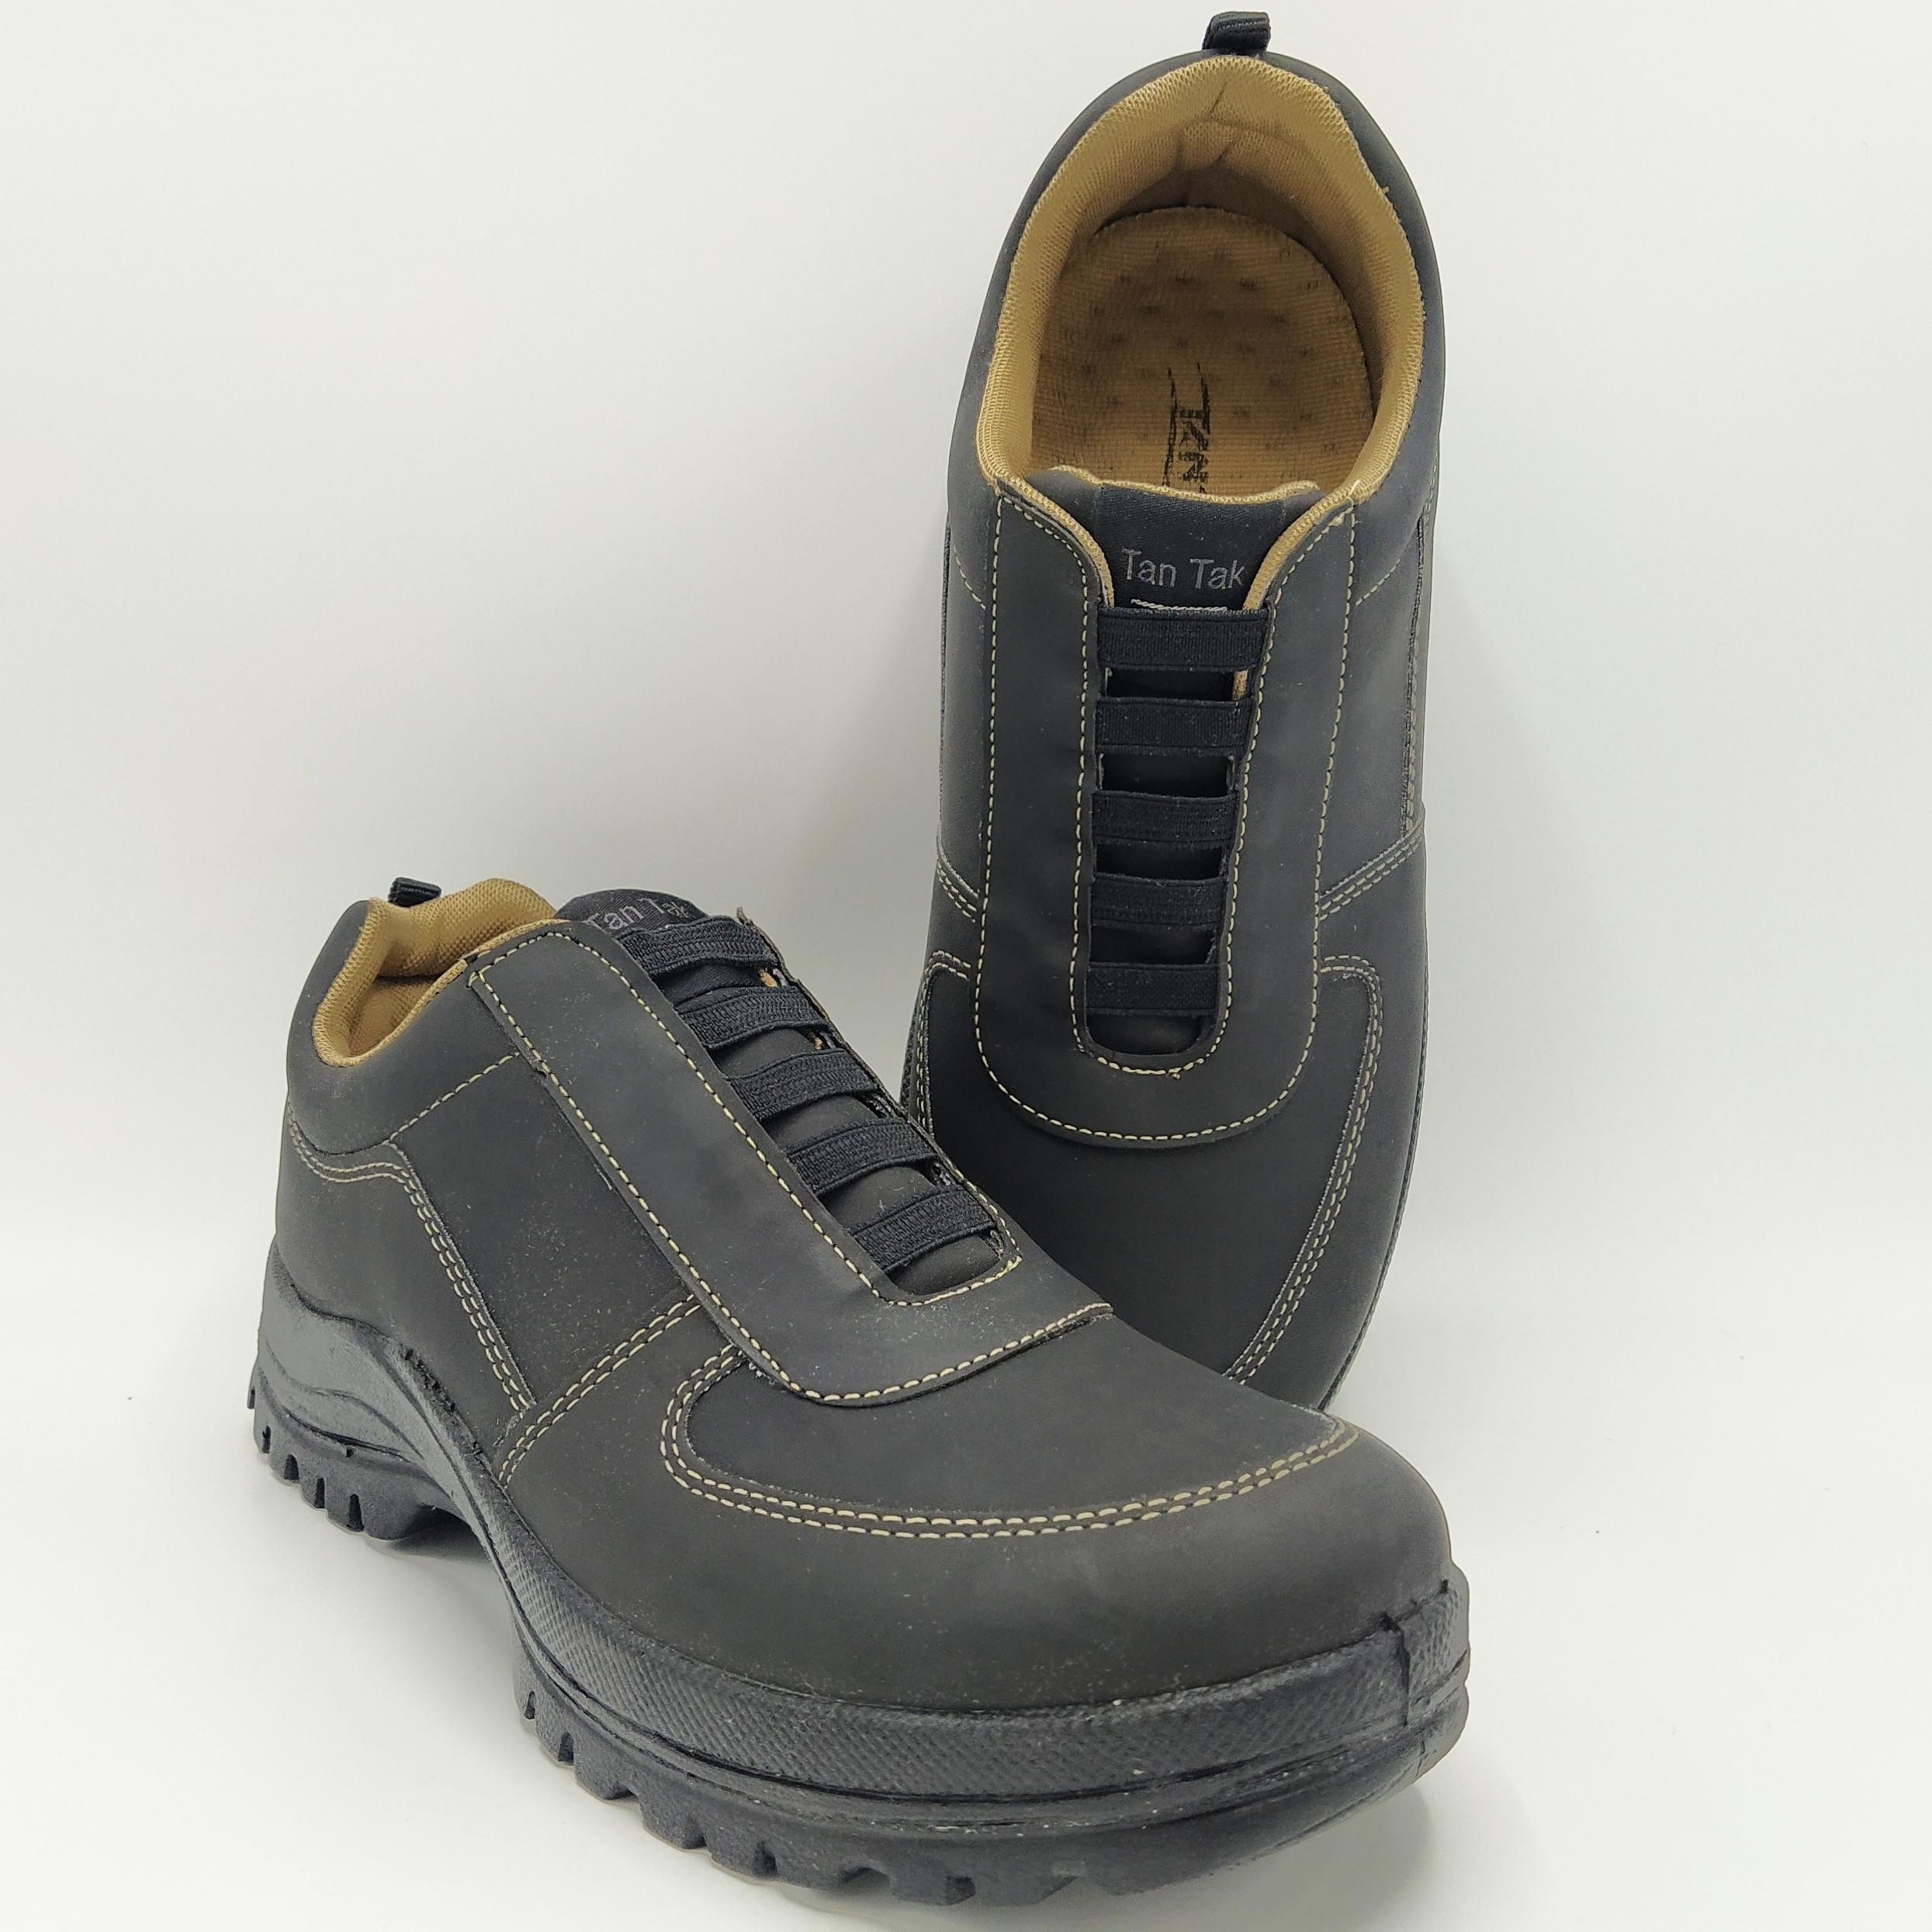 کفش پیاده روی مردانه تن تاک مدل 1469